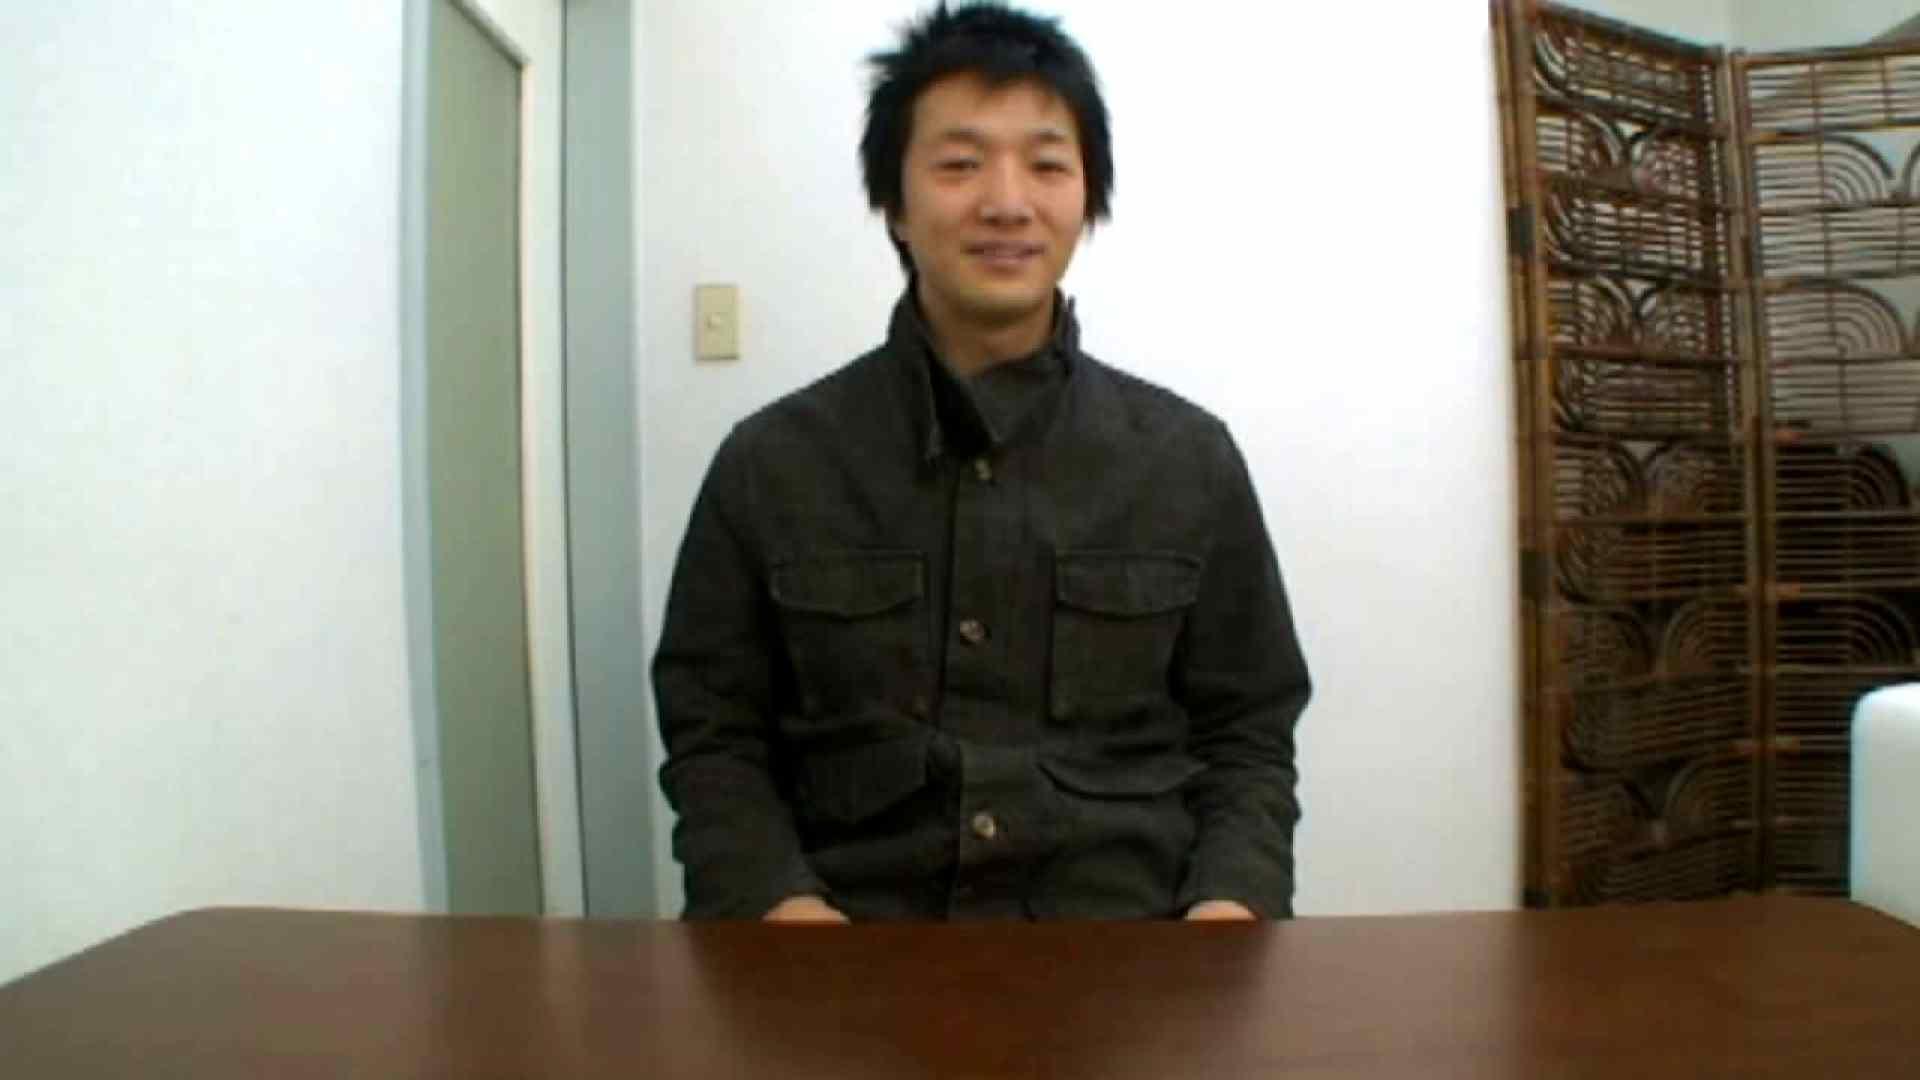 ノンケ!自慰スタジオ No.16 ノンケ一筋 | 射精天国 ゲイアダルト画像 60pic 21